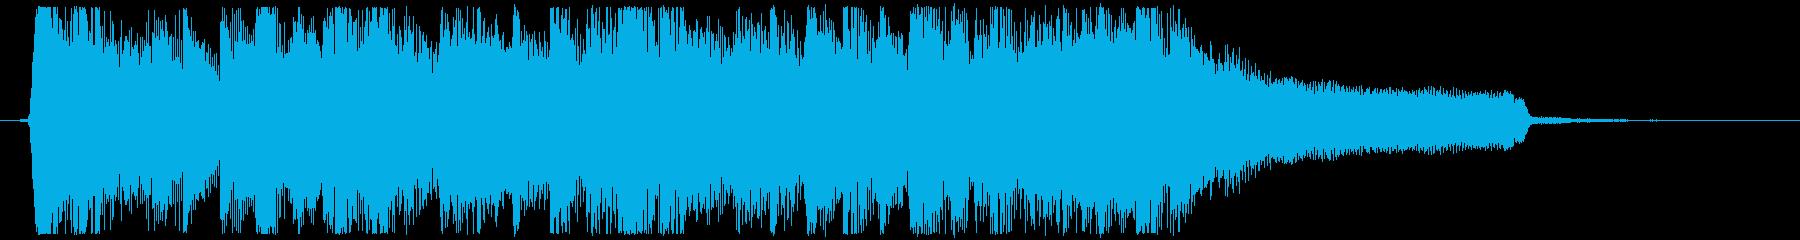 ジングル - スープの再生済みの波形